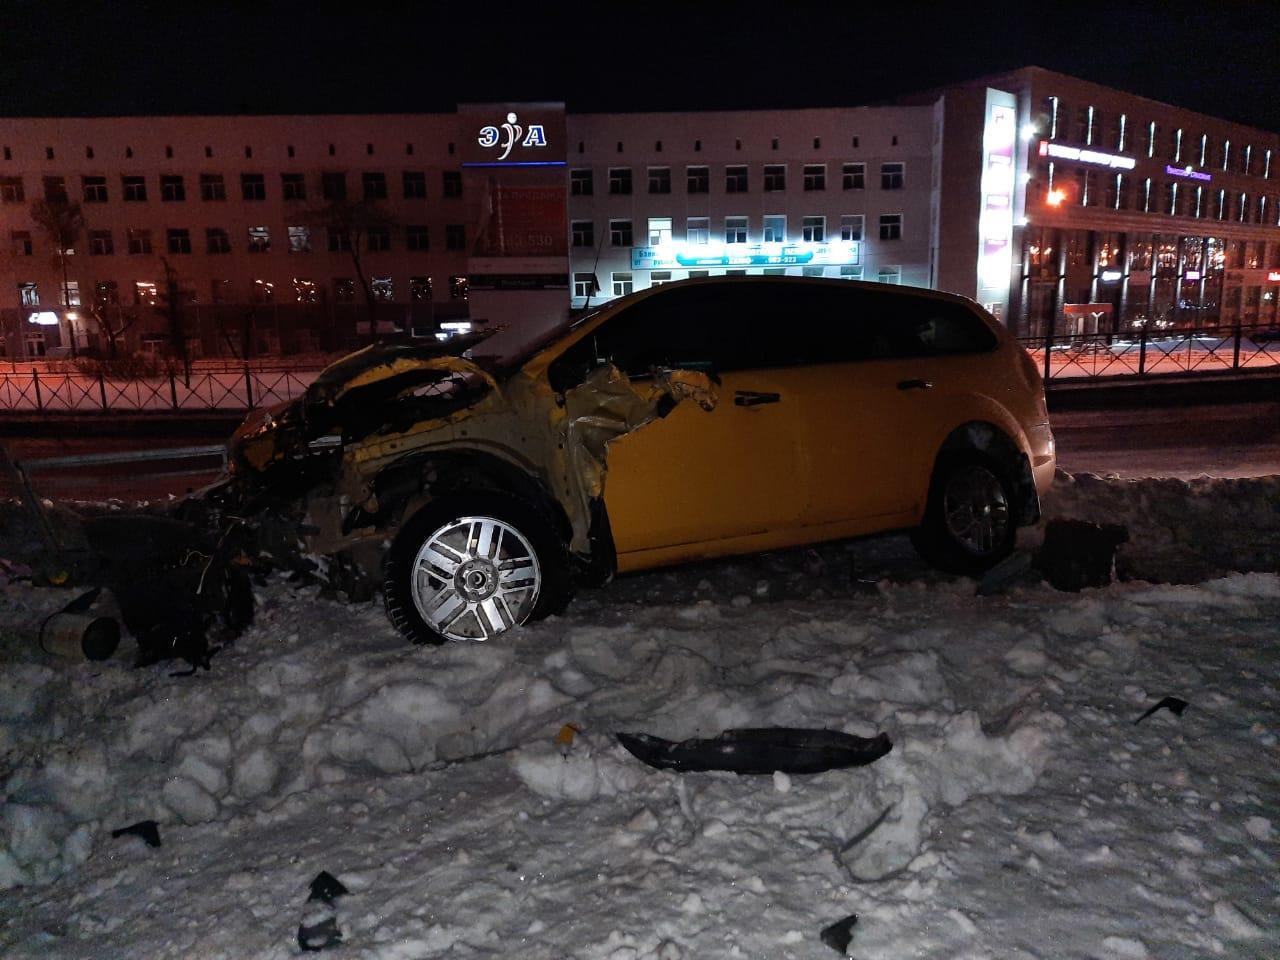 Омский подросток сел за руль иномарки и вылетел с метромоста #Омск #Общество #Сегодня